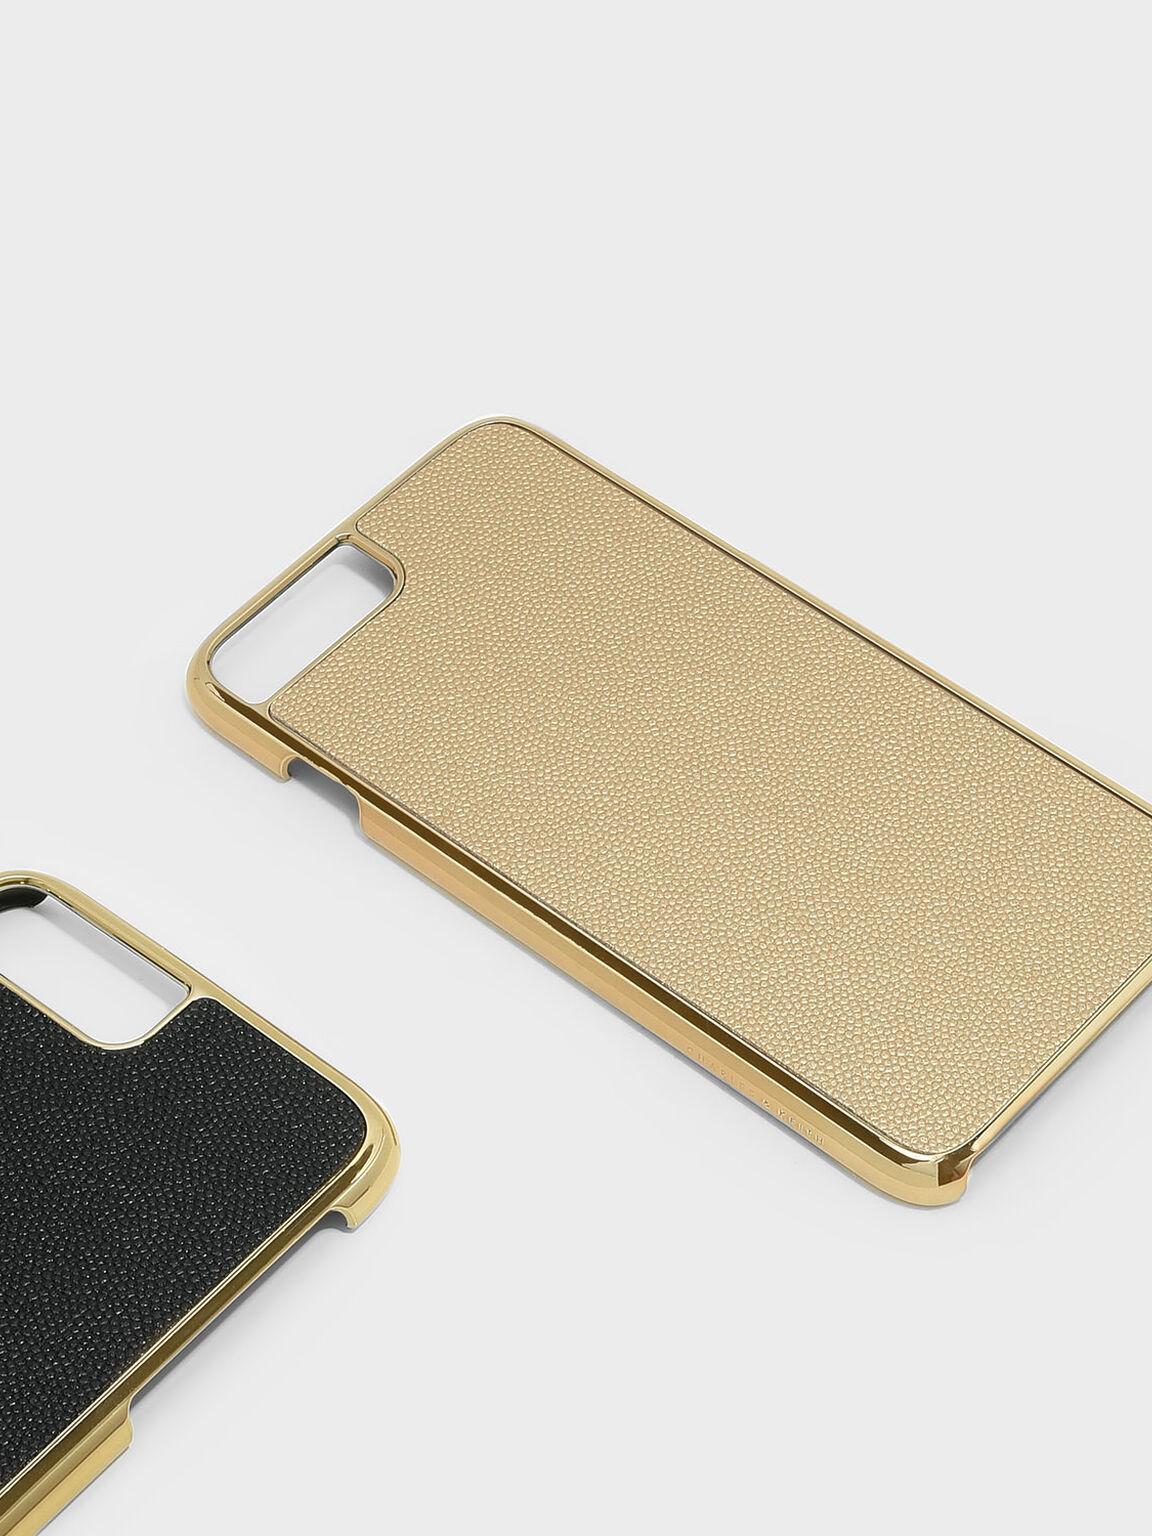 iPhone 7+ / 8+ 皮革手機殼, 金色, hi-res